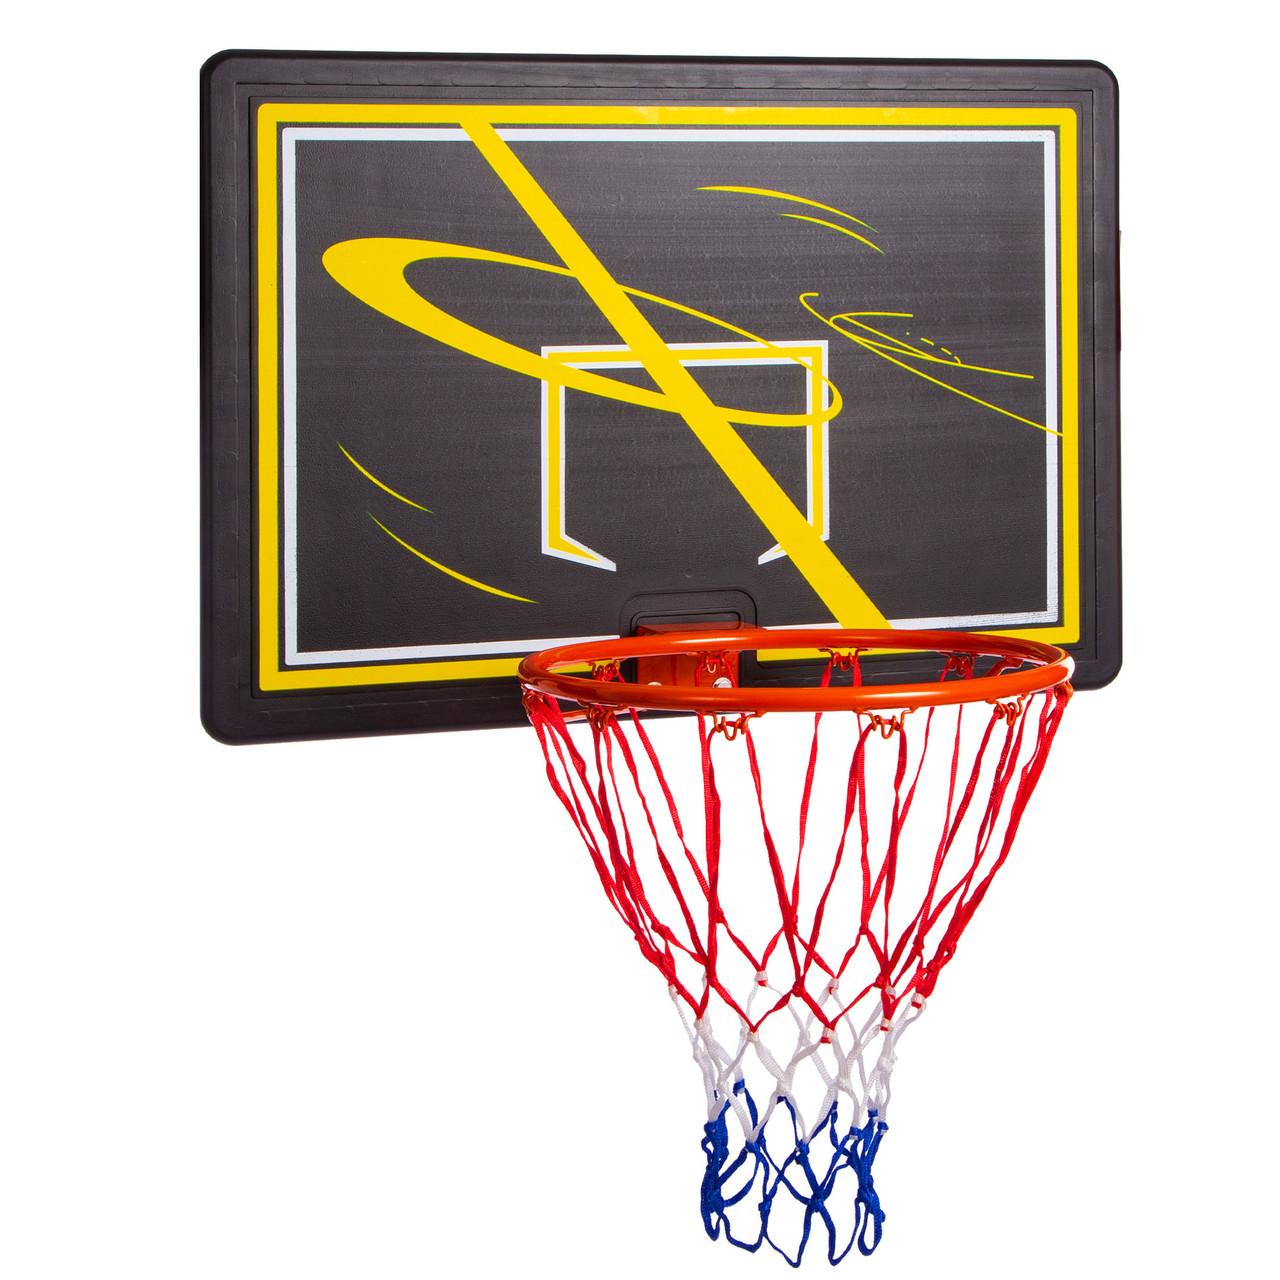 Щит баскетбольный с кольцом и сеткой S009F (щит-HDPE,р-р 80x58см, кольцо (16мм) d-38см, сетка NY)